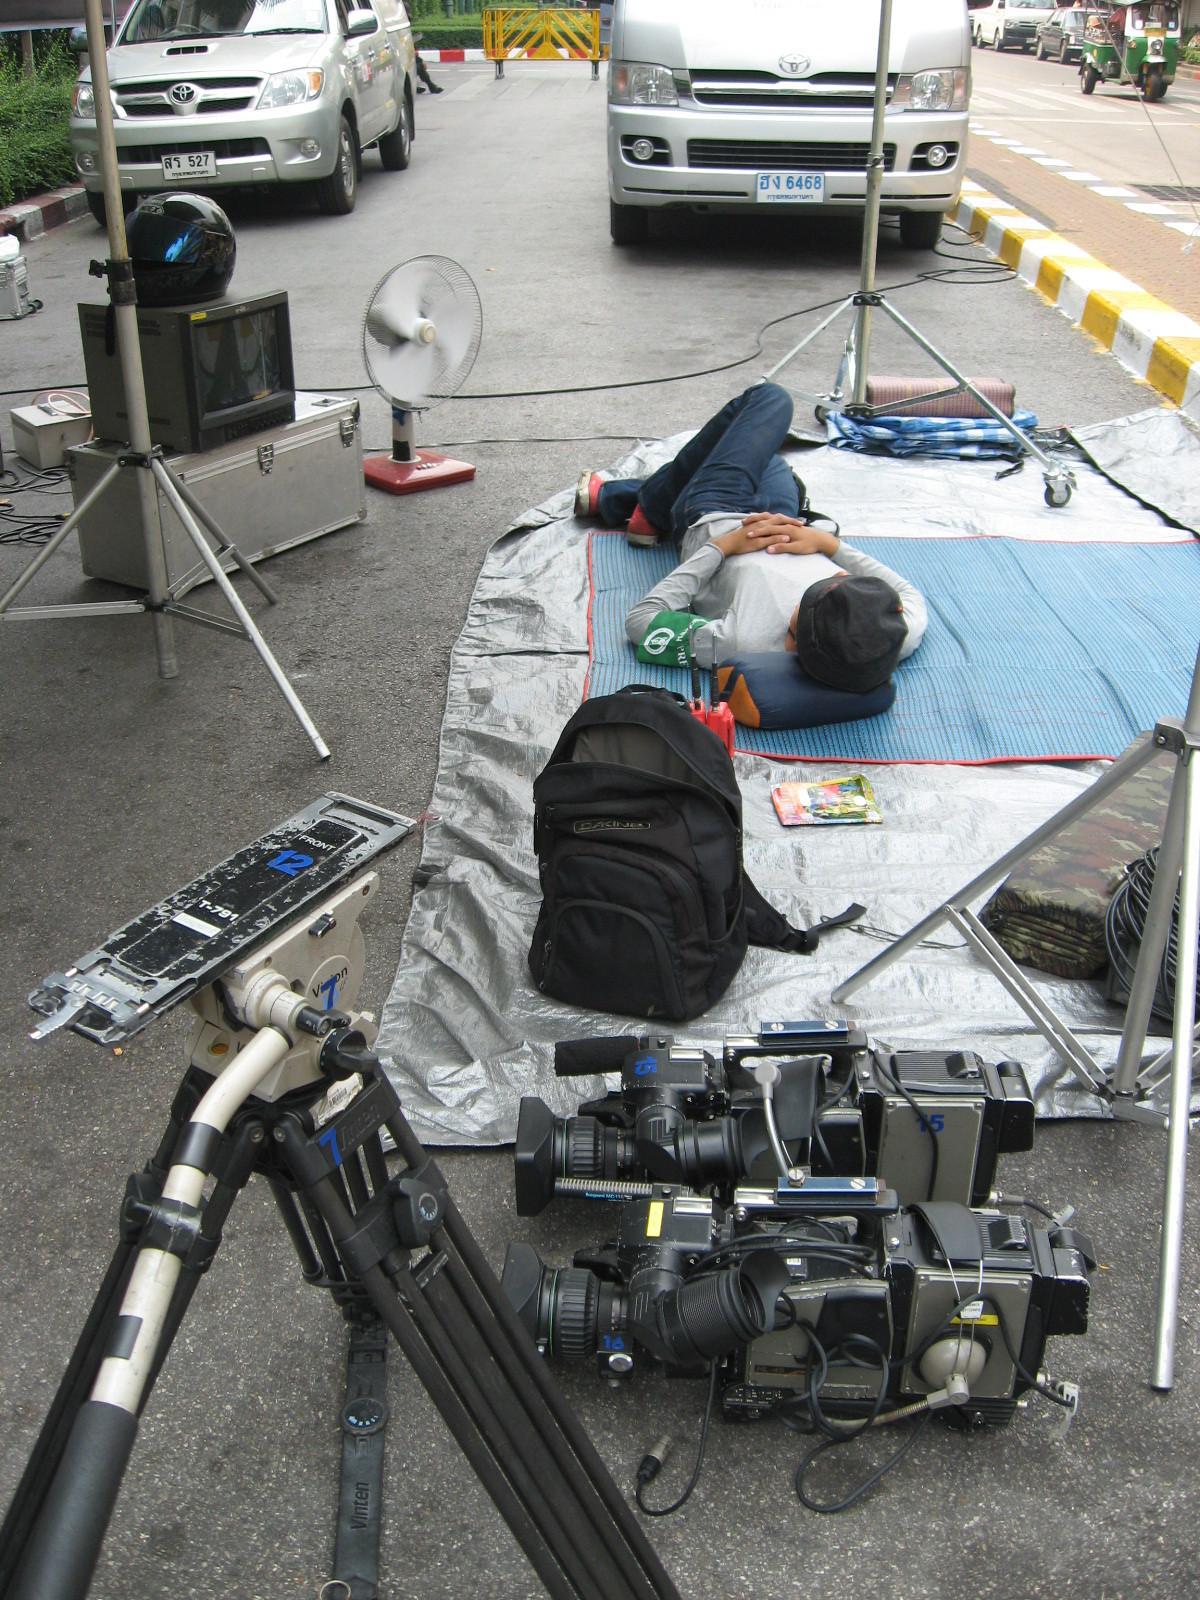 Hot Bangkok (29 March 2010)